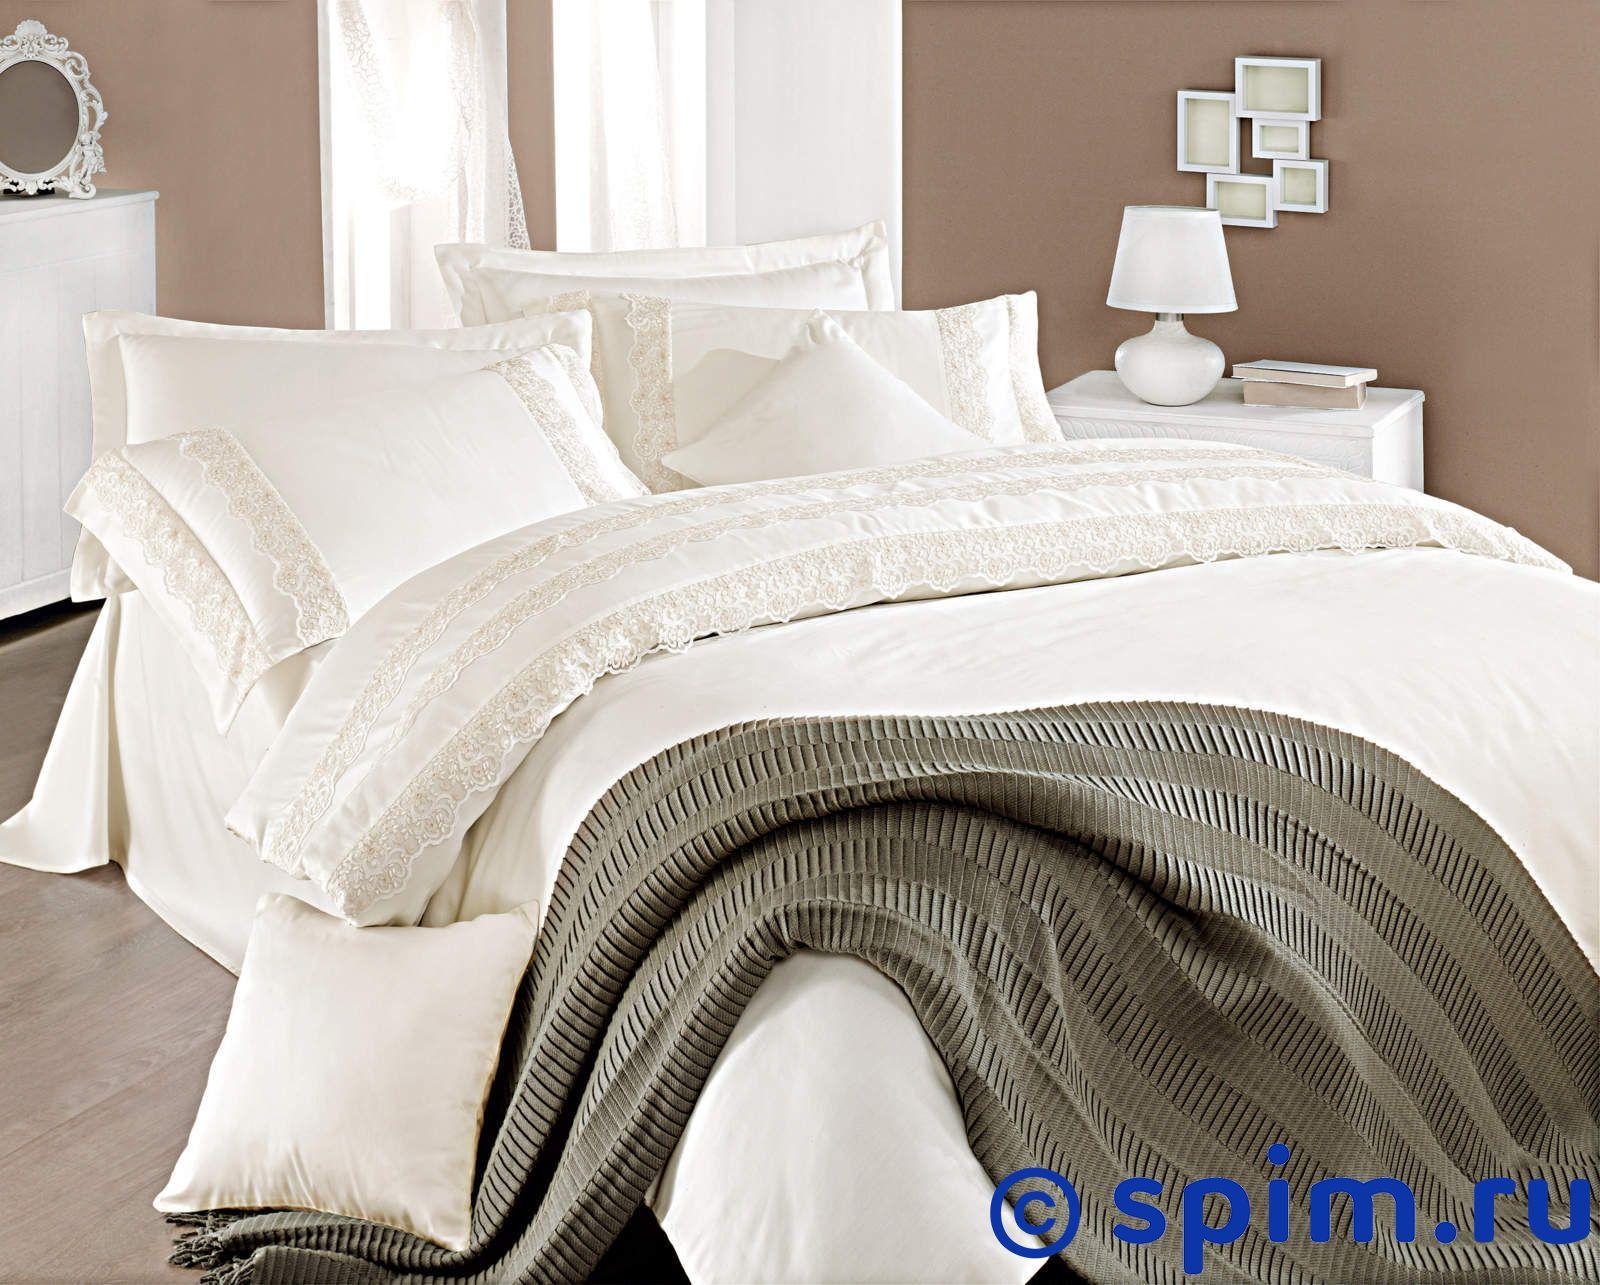 Постельное белье Issimo Saphir Евро-стандарт постельное белье issimo salome евро стандарт